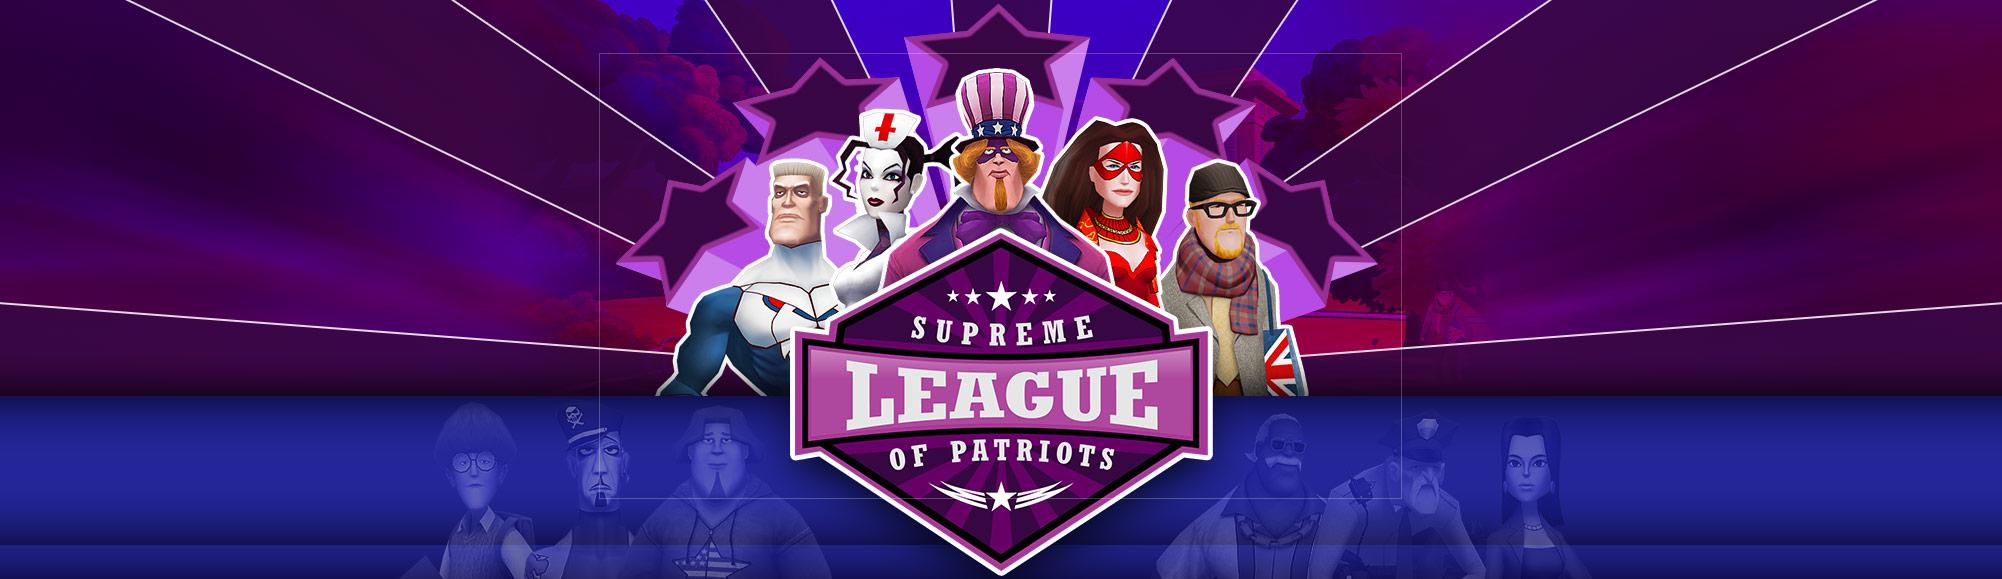 Supreme league of patriots test critique